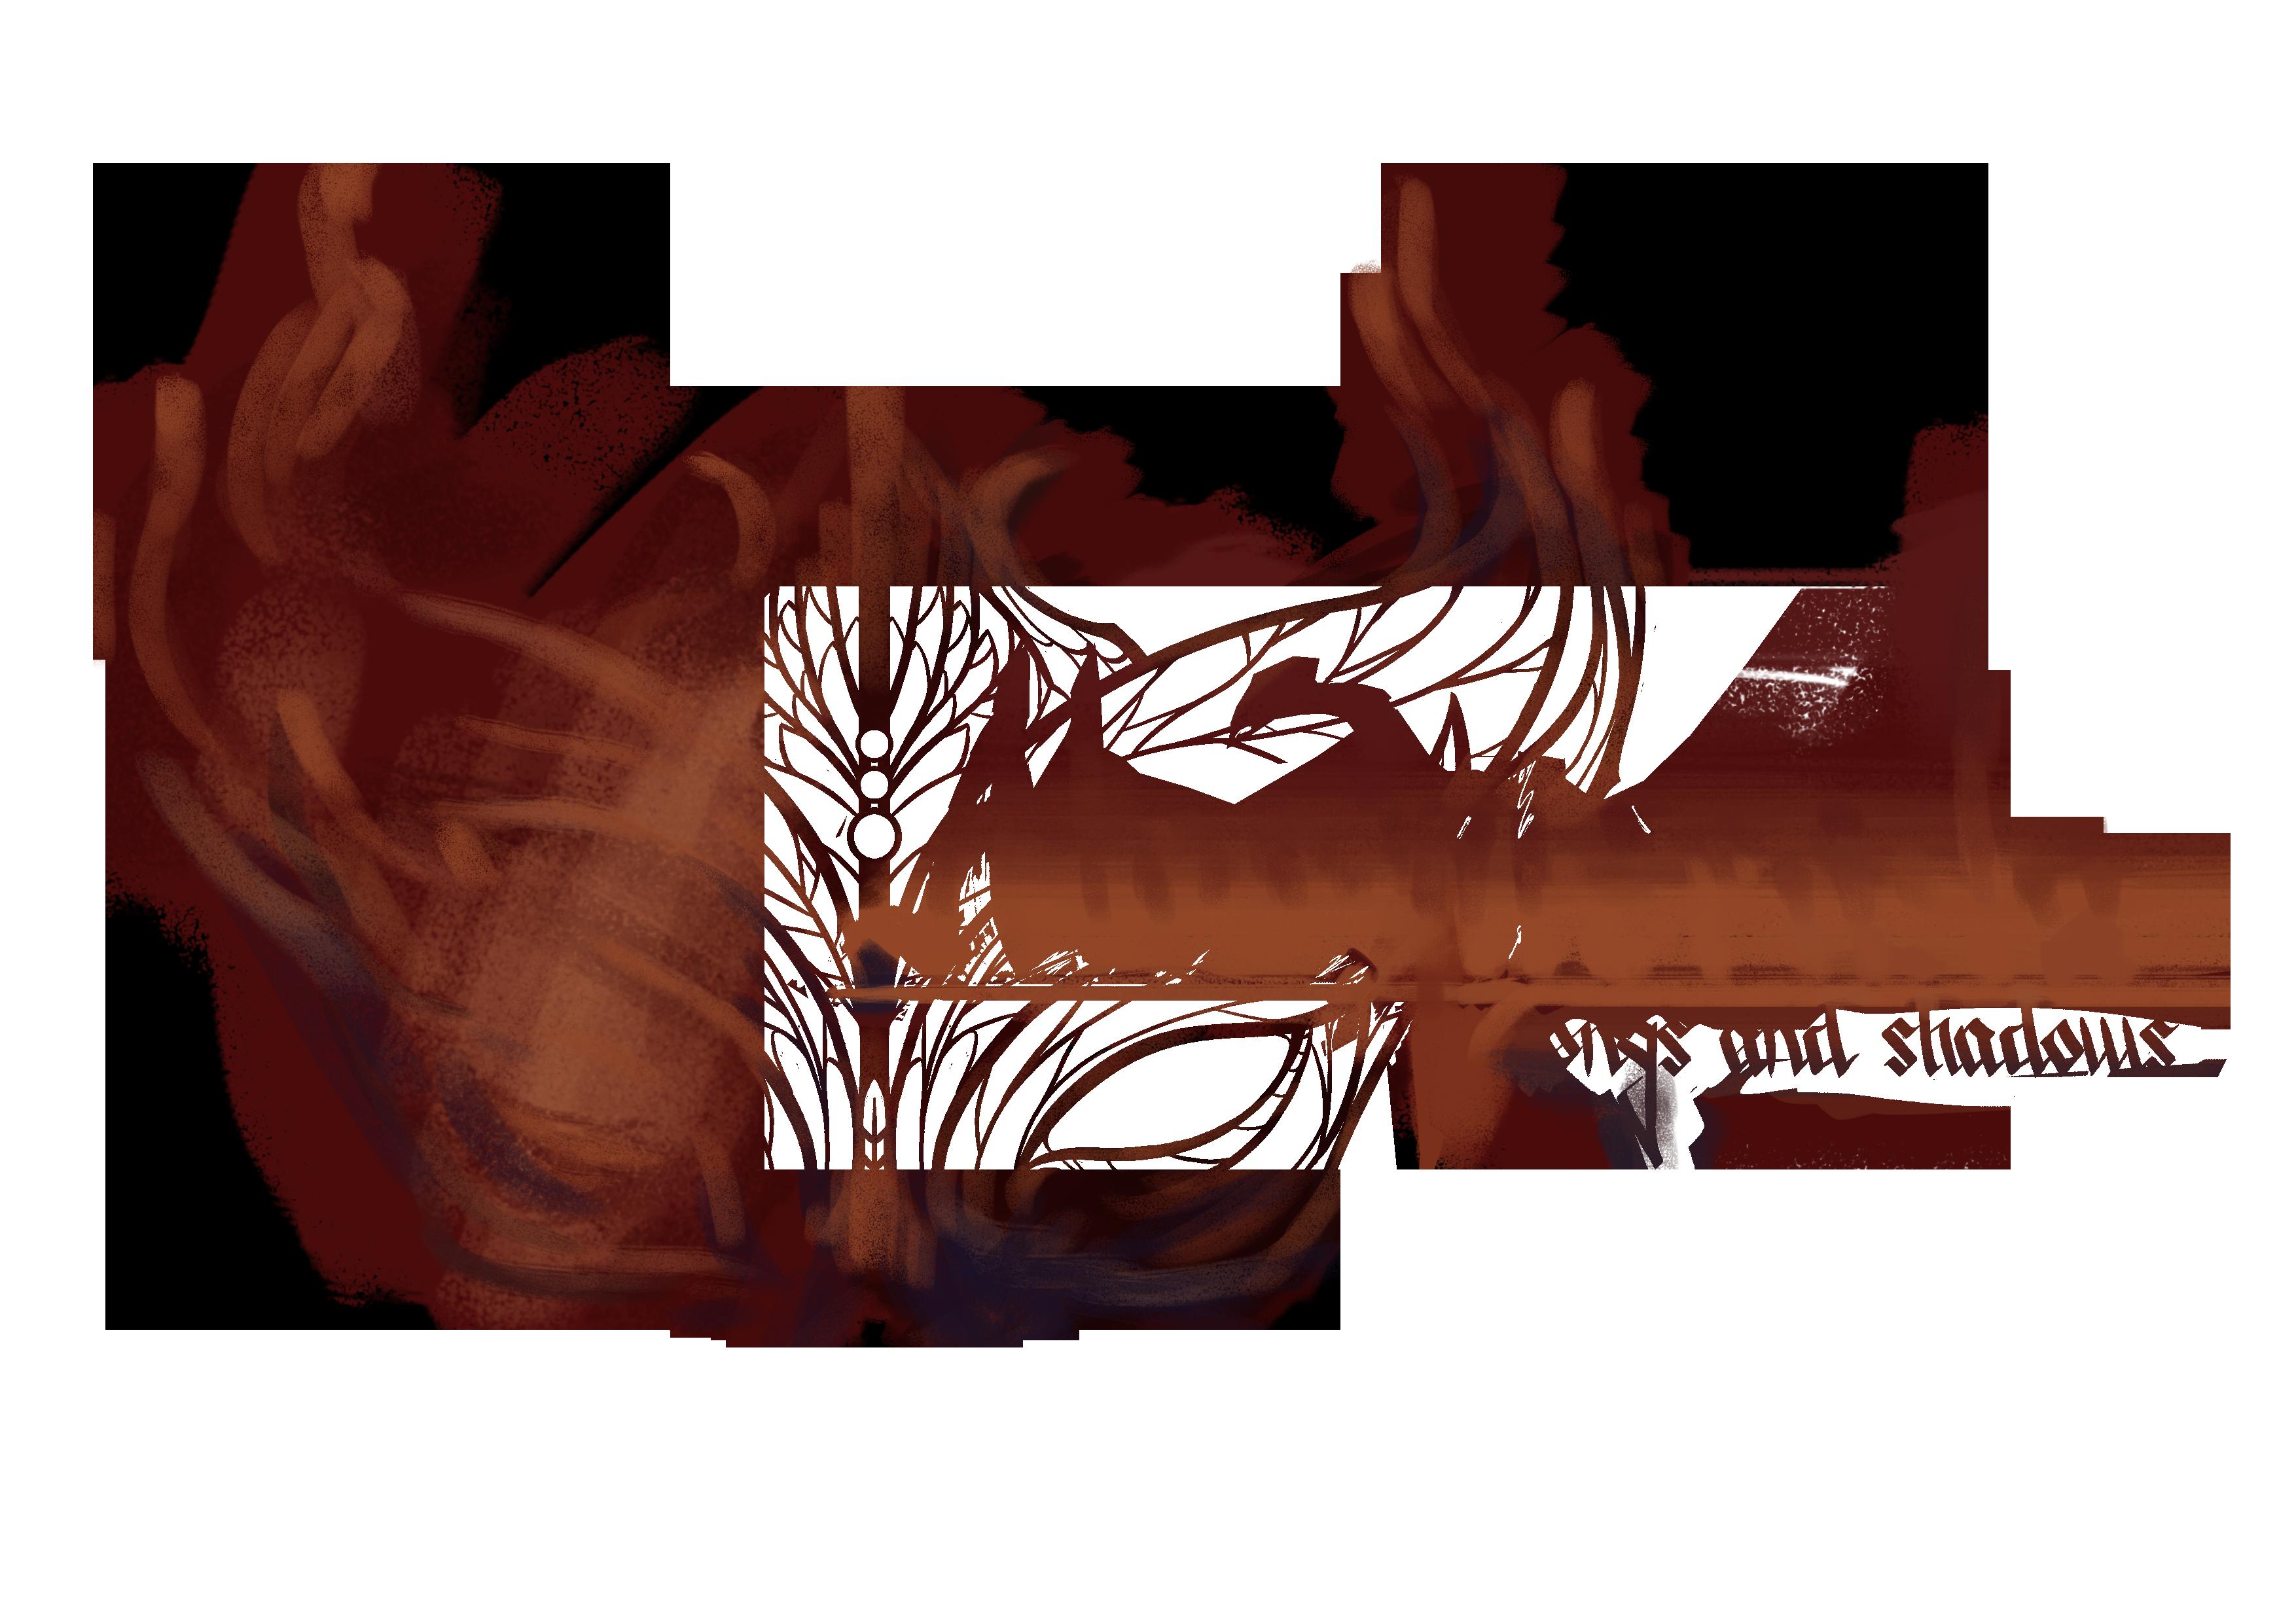 Masquerada : Songs and Shadows